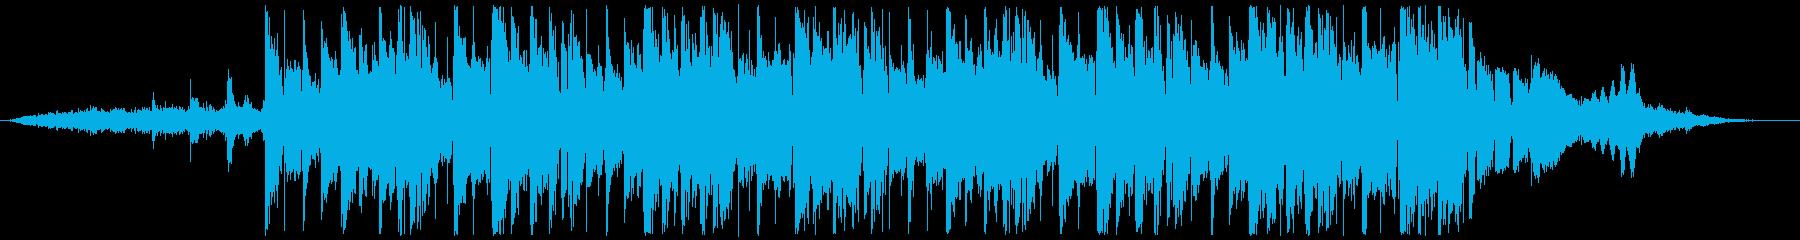 クランチなギターが徐々に重なるジングルの再生済みの波形